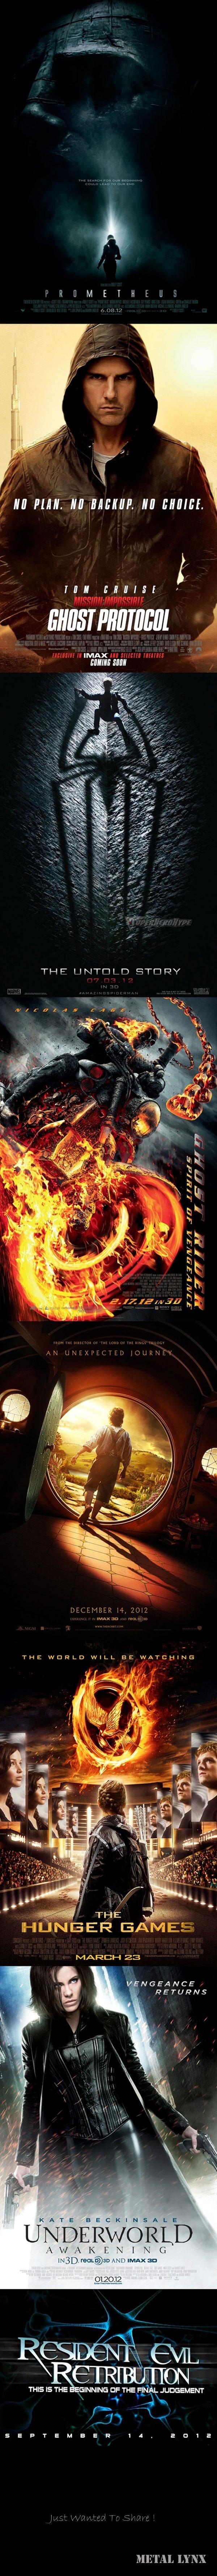 2012-fantastik-sinema-9gag-2